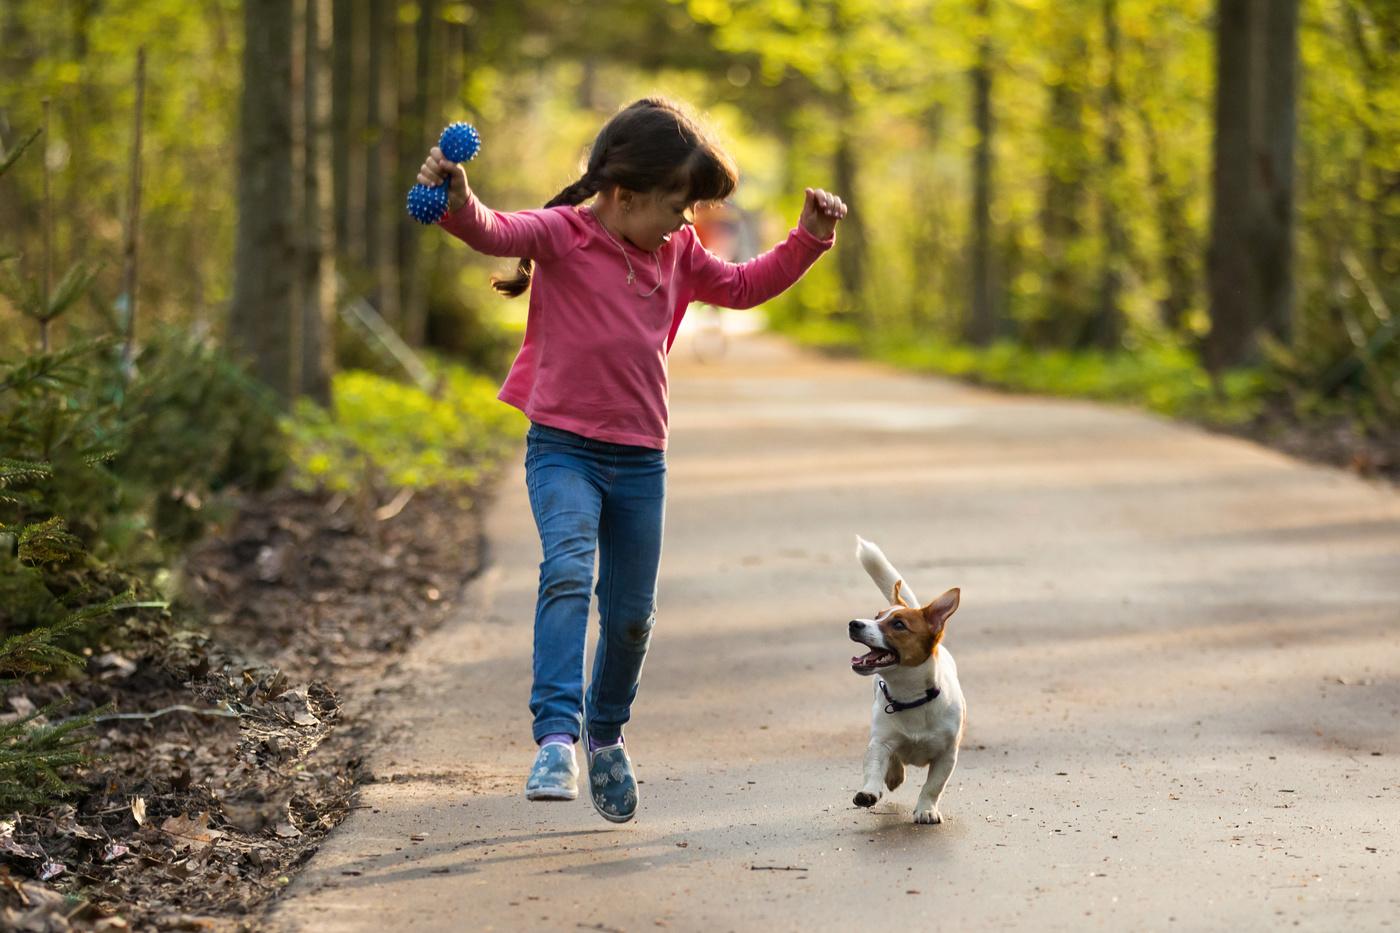 Врачи рассказали об опасности пеших прогулок